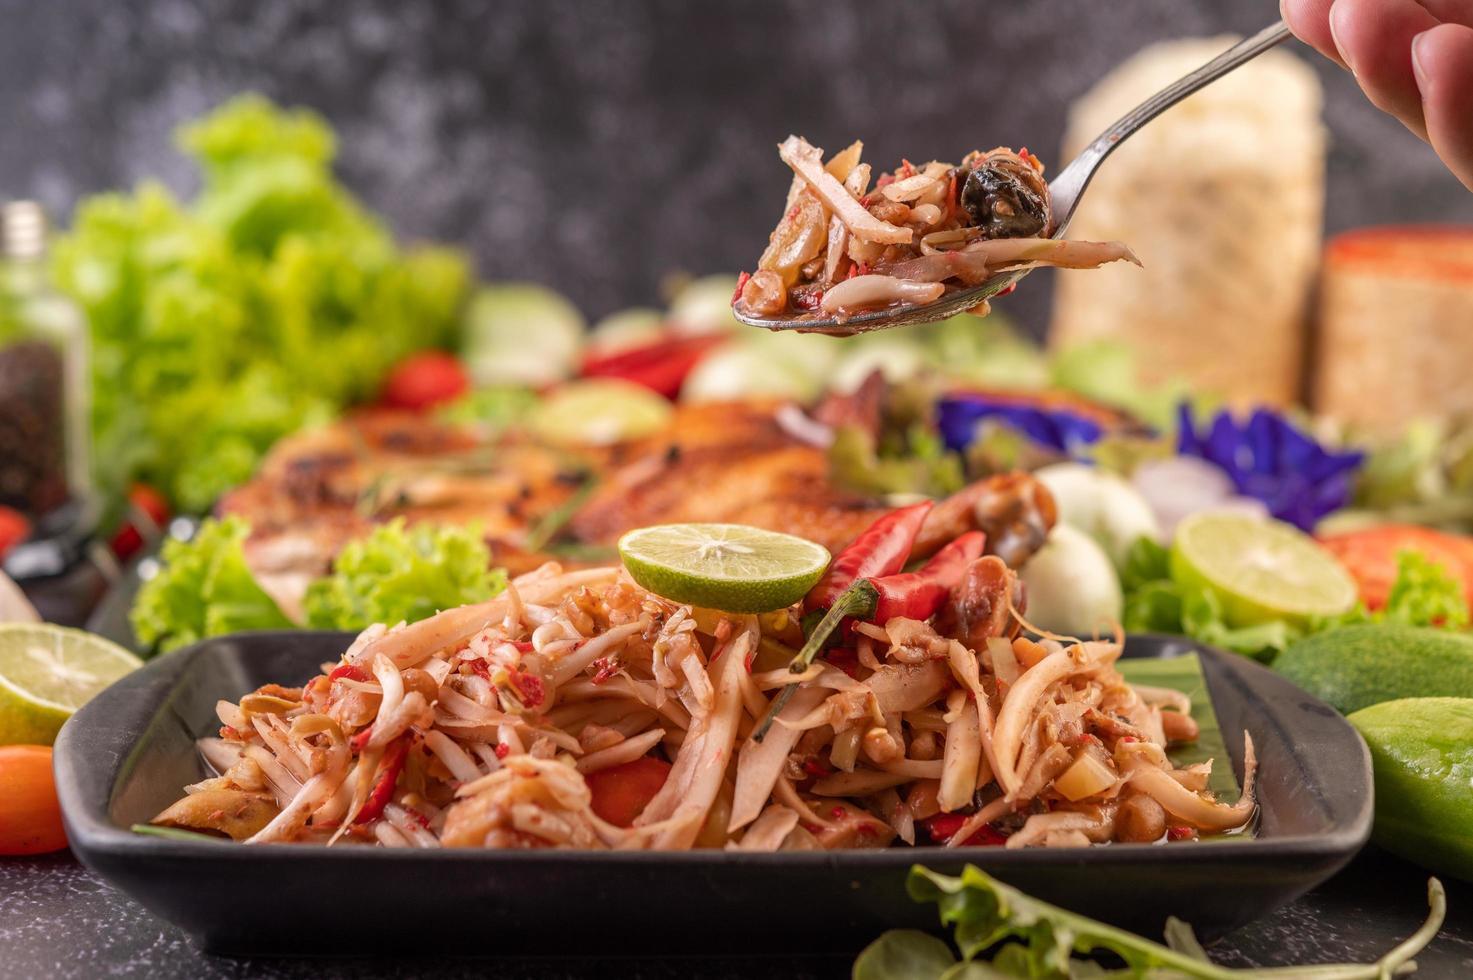 salade de papaye thaï entourée de légumes et de poulet photo